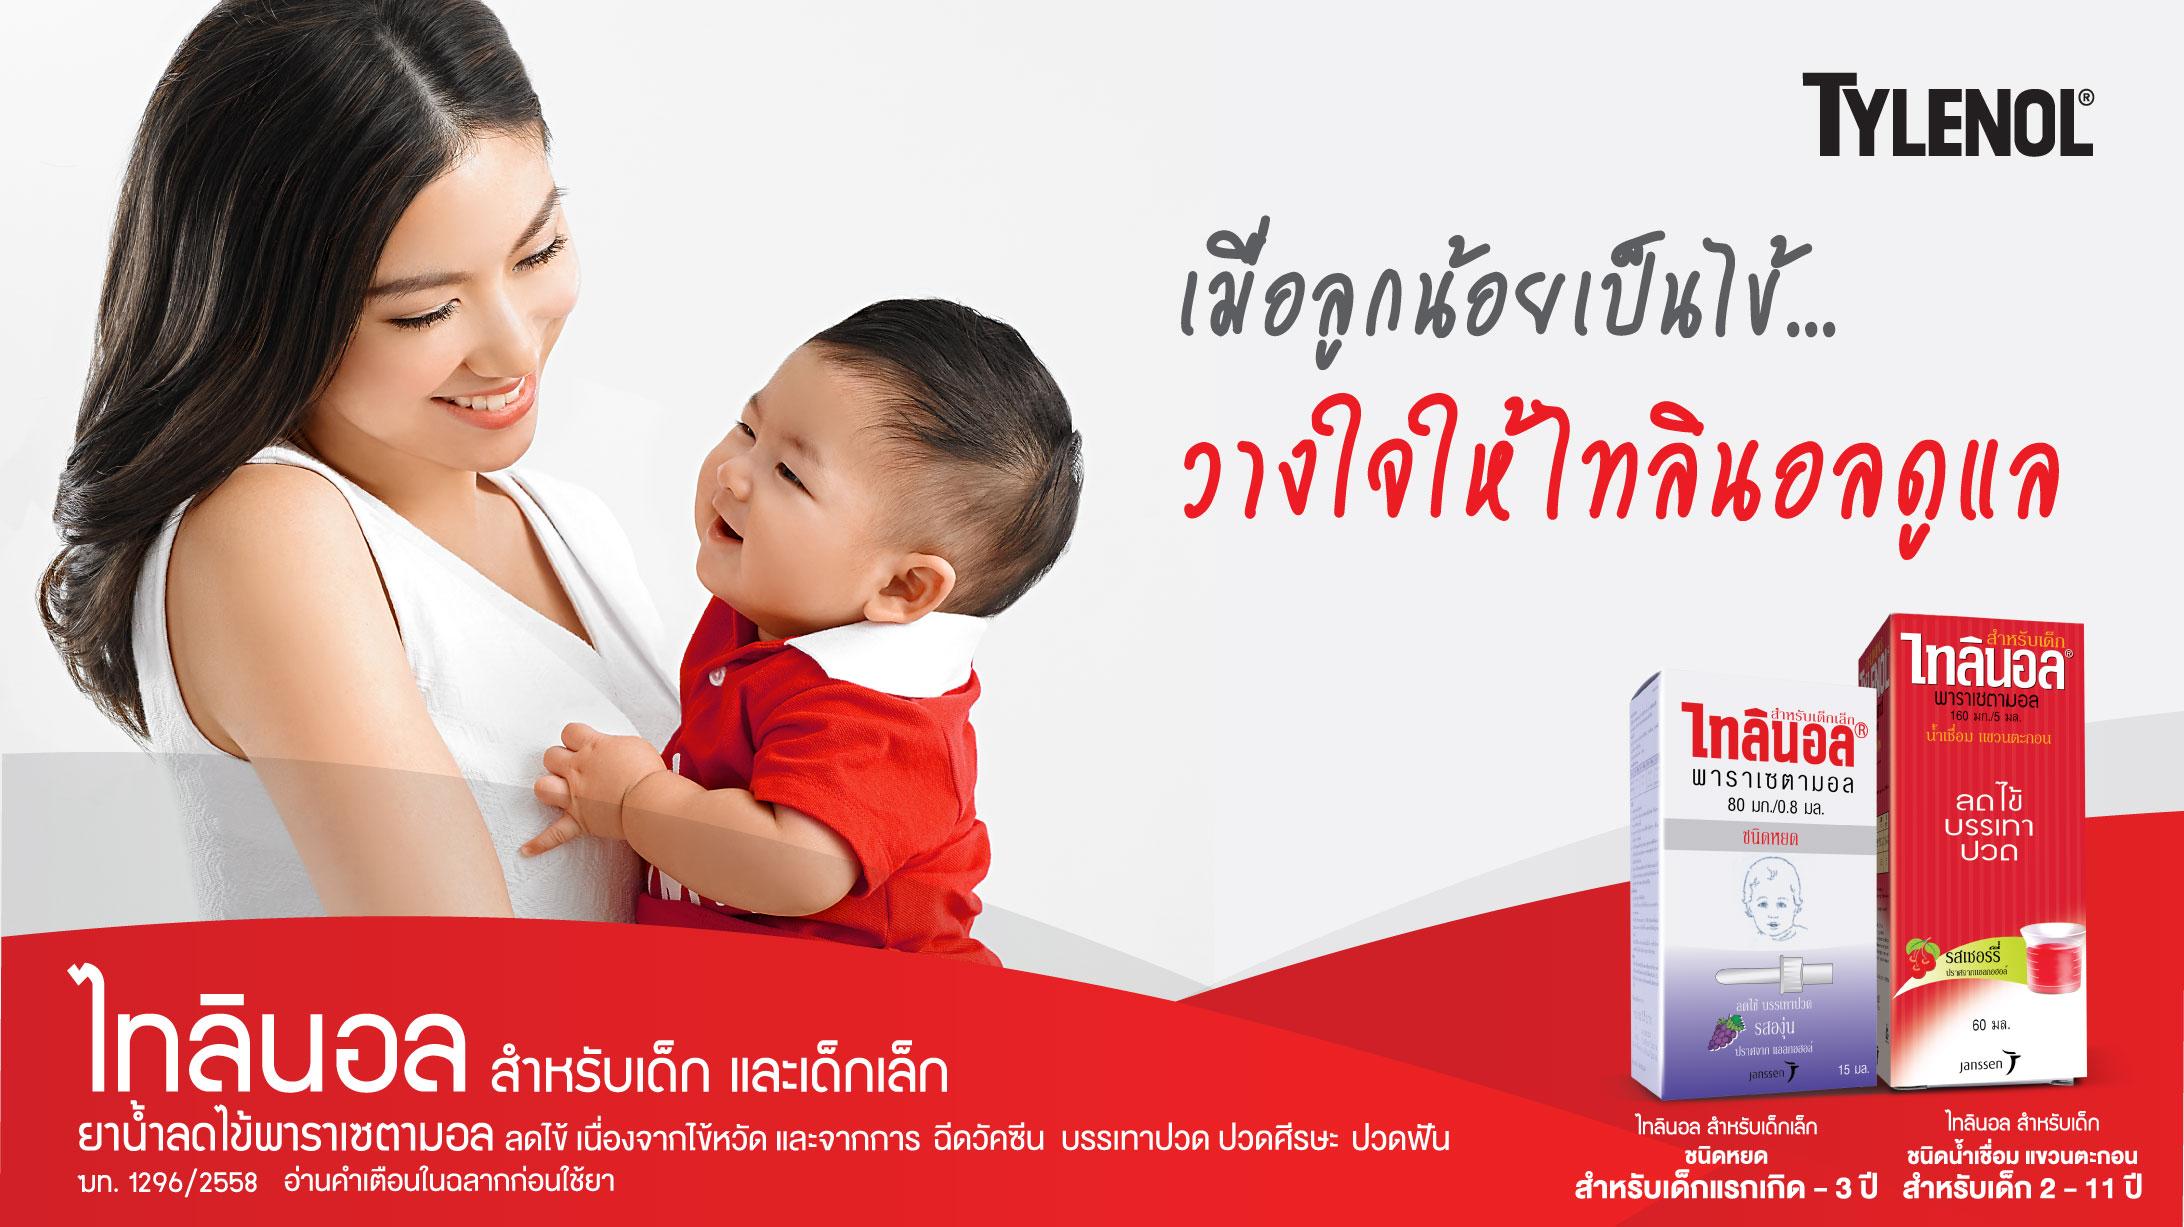 ยาลดไข้สำหรับเด็ก, ยาลดไข้เด็ก, ยาลดไข้ชนิดน้ำเชื่อม, ยาลดไข้ชนิดหยด, วิธีเลือกยาลดไข้สำหรับเด็ก, ปริมาณยาลดไข้สำหรับเด็ก, ลูกควรกินยาลดไข้มากแค่ไหน, วิธีคำนวณปริมาณยาลดไข้, คำนวนณปริมาณยาลดไข้สำหรับเด็ก, การกินยาลดไข้สำหรับเด็ก, ชนิดยาลดไข้สำหรับเด็ก, พาราเซตามอลสำหรับเด็ก, ยาลดไข้เด็กไทลินอล, Advertorial, บทความโฆษณา